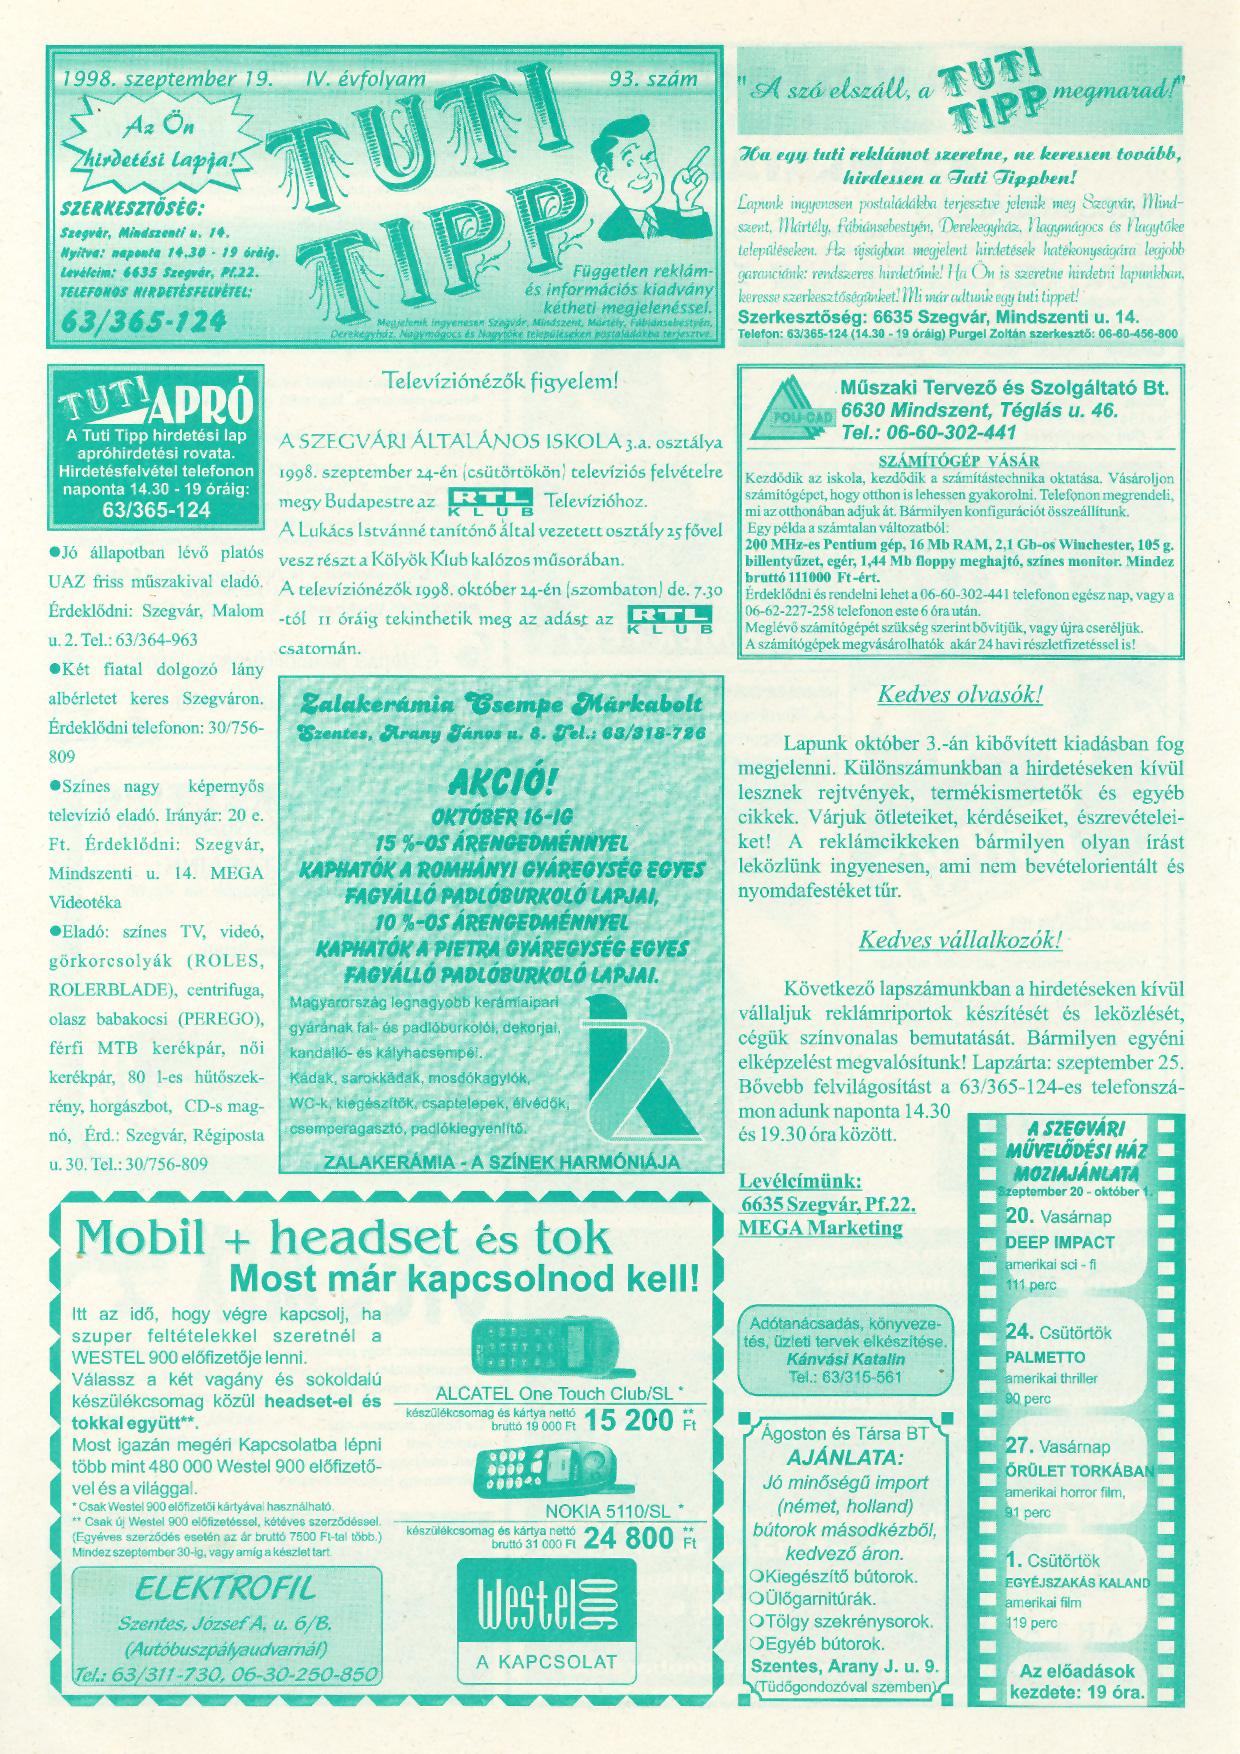 043 Tuti Tipp reklámújság - 19980919-093. lapszám - 1.oldal - IV. évfolyam.jpg